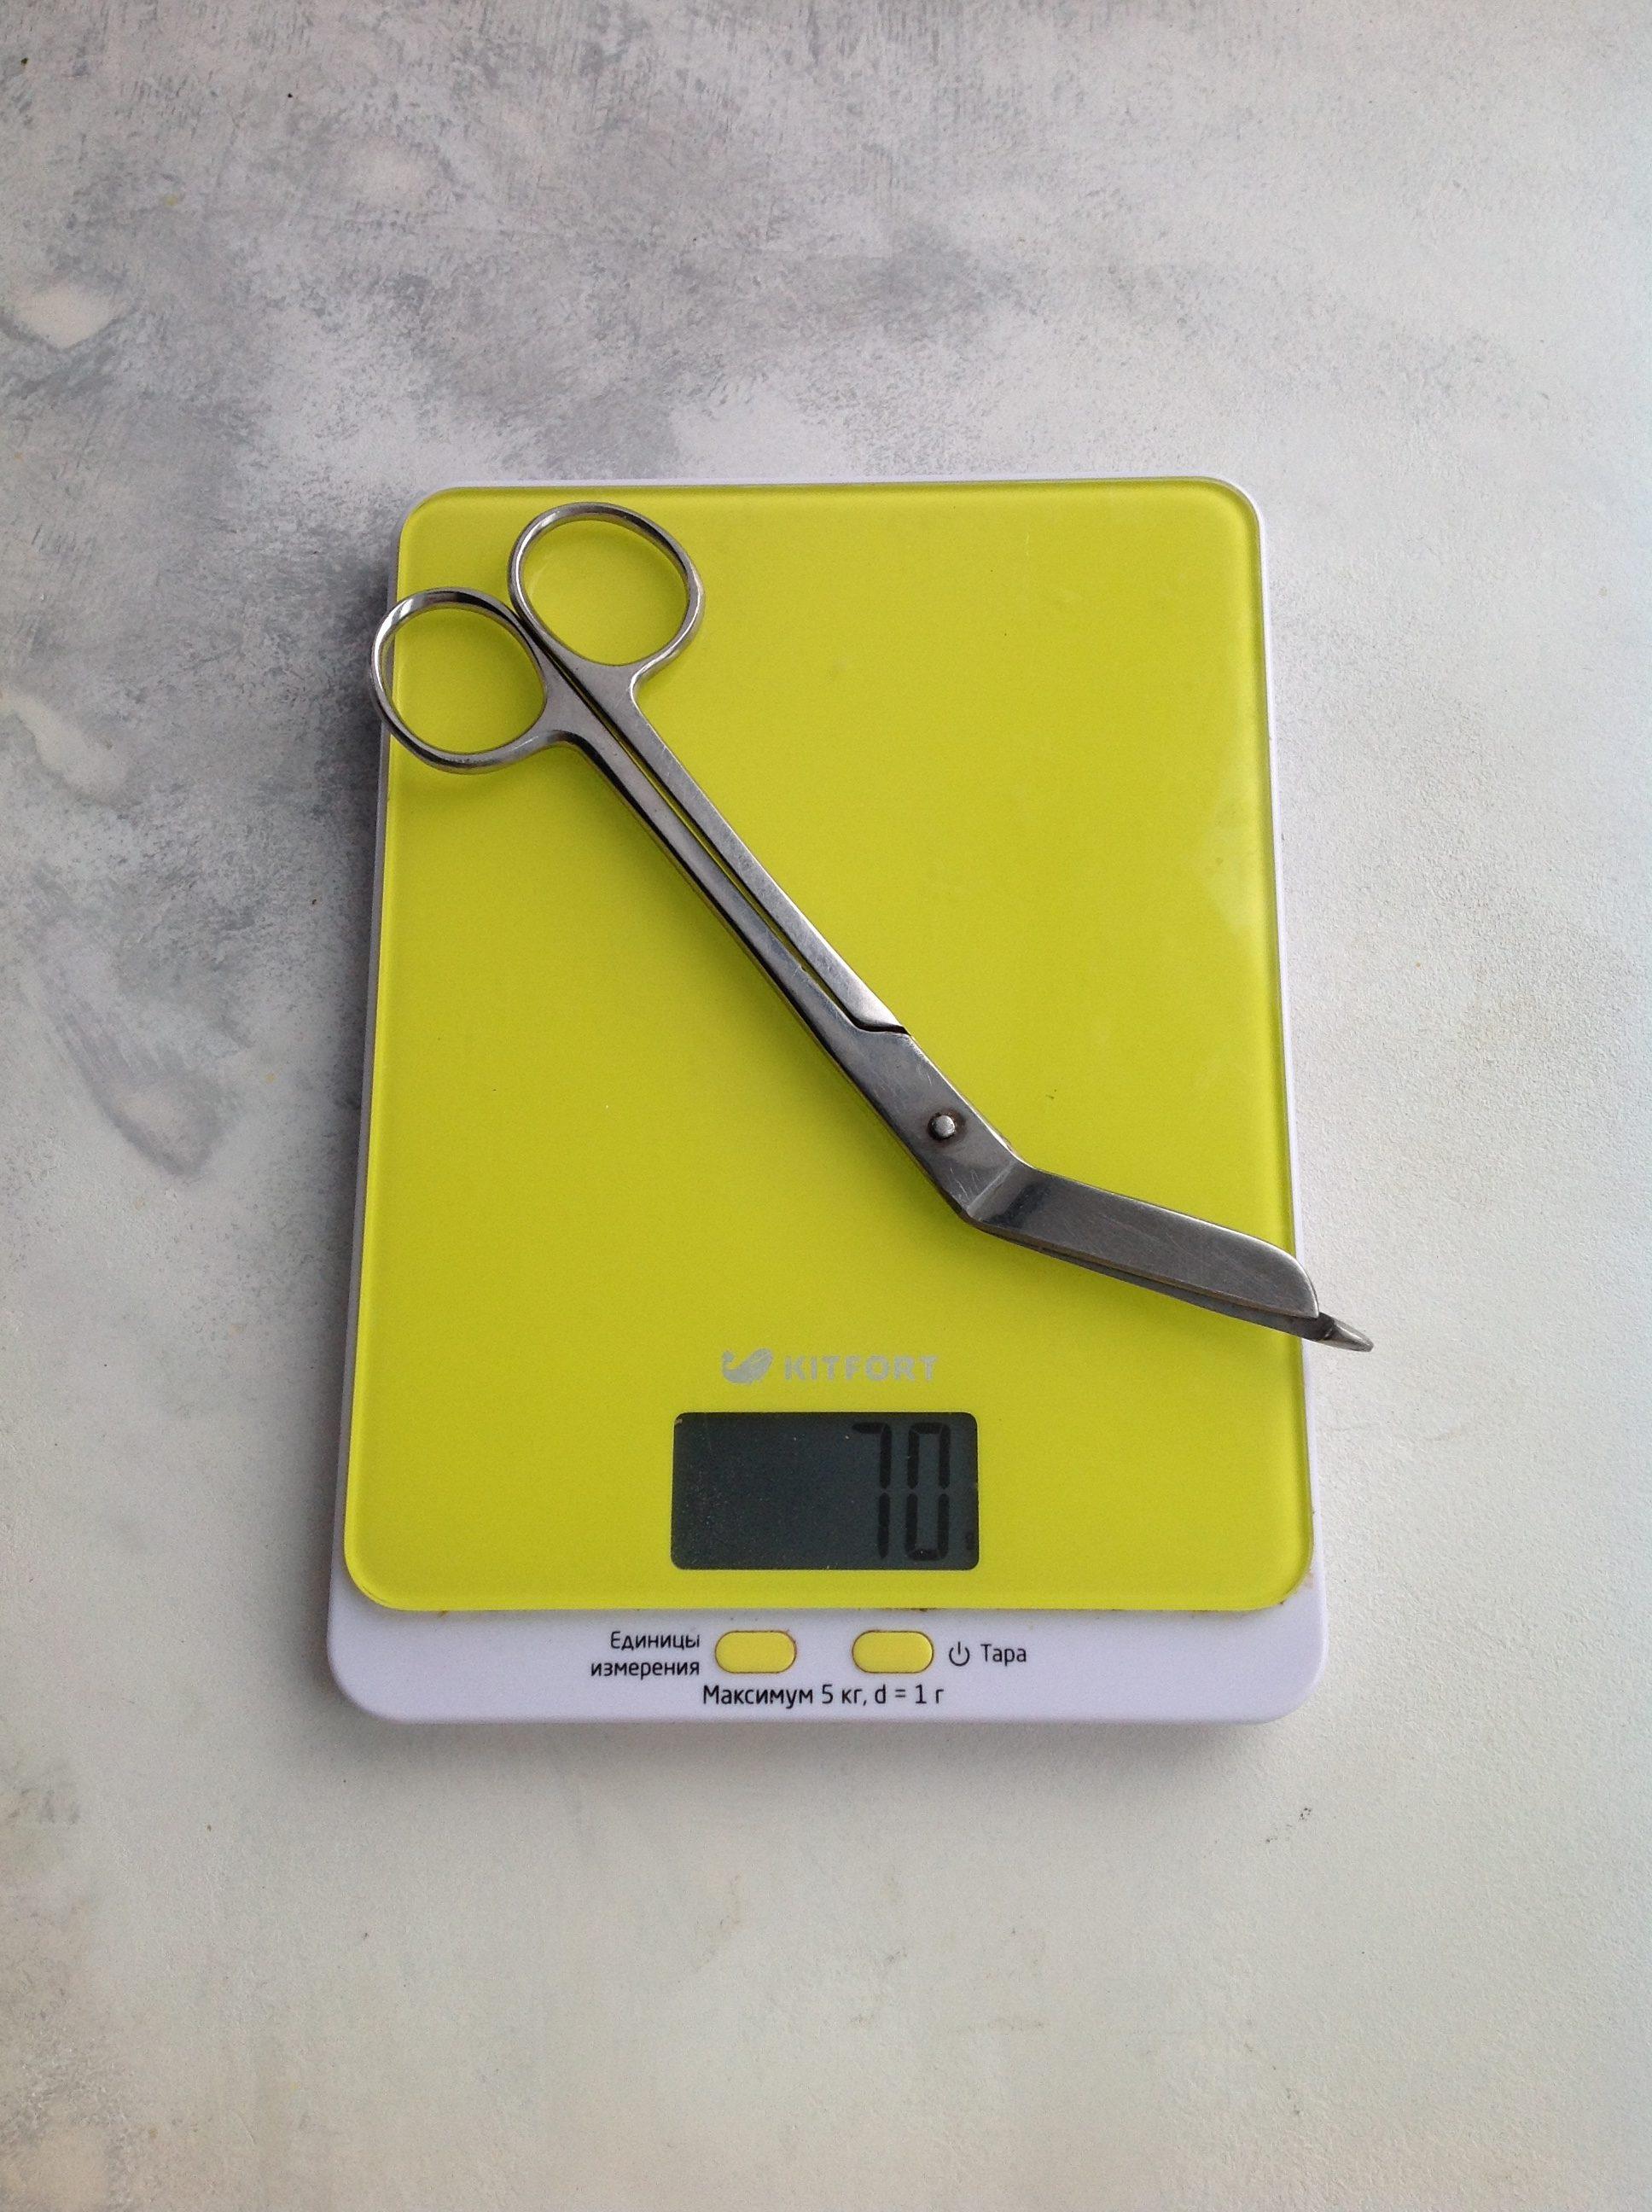 вес ножниц медицинских для разрезания повязок